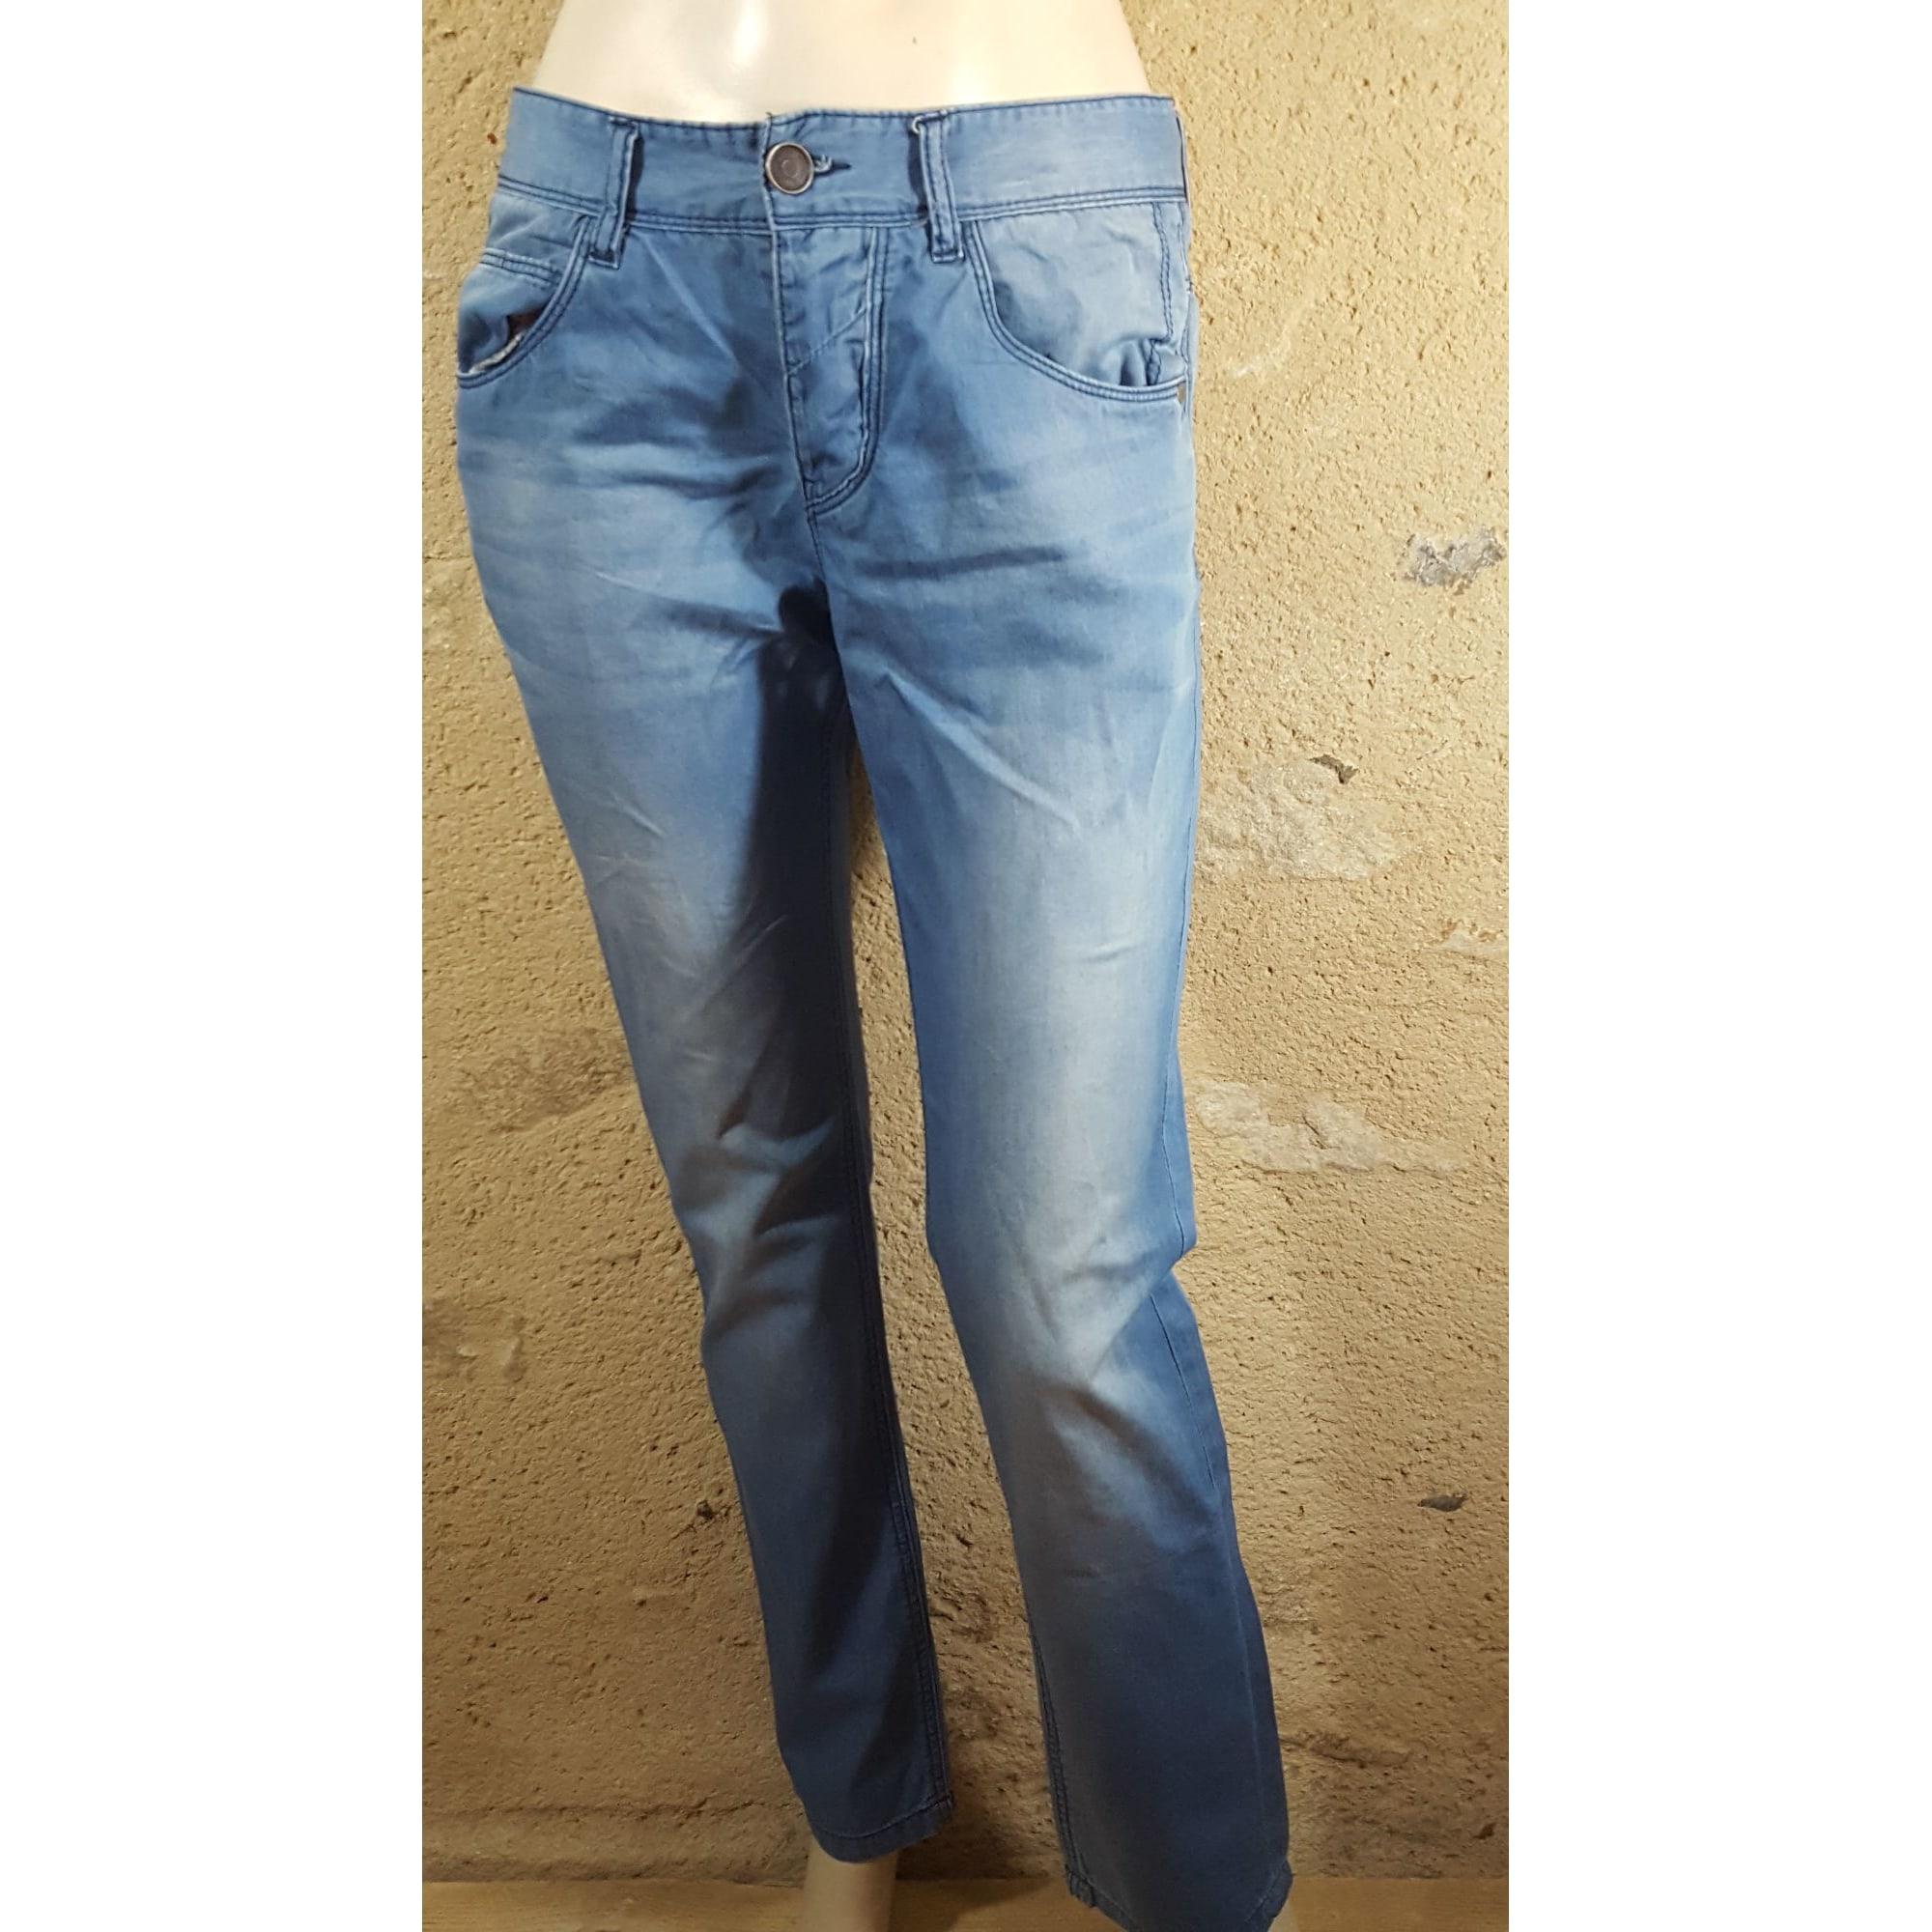 Jeans droit BONOBO Bleu, bleu marine, bleu turquoise